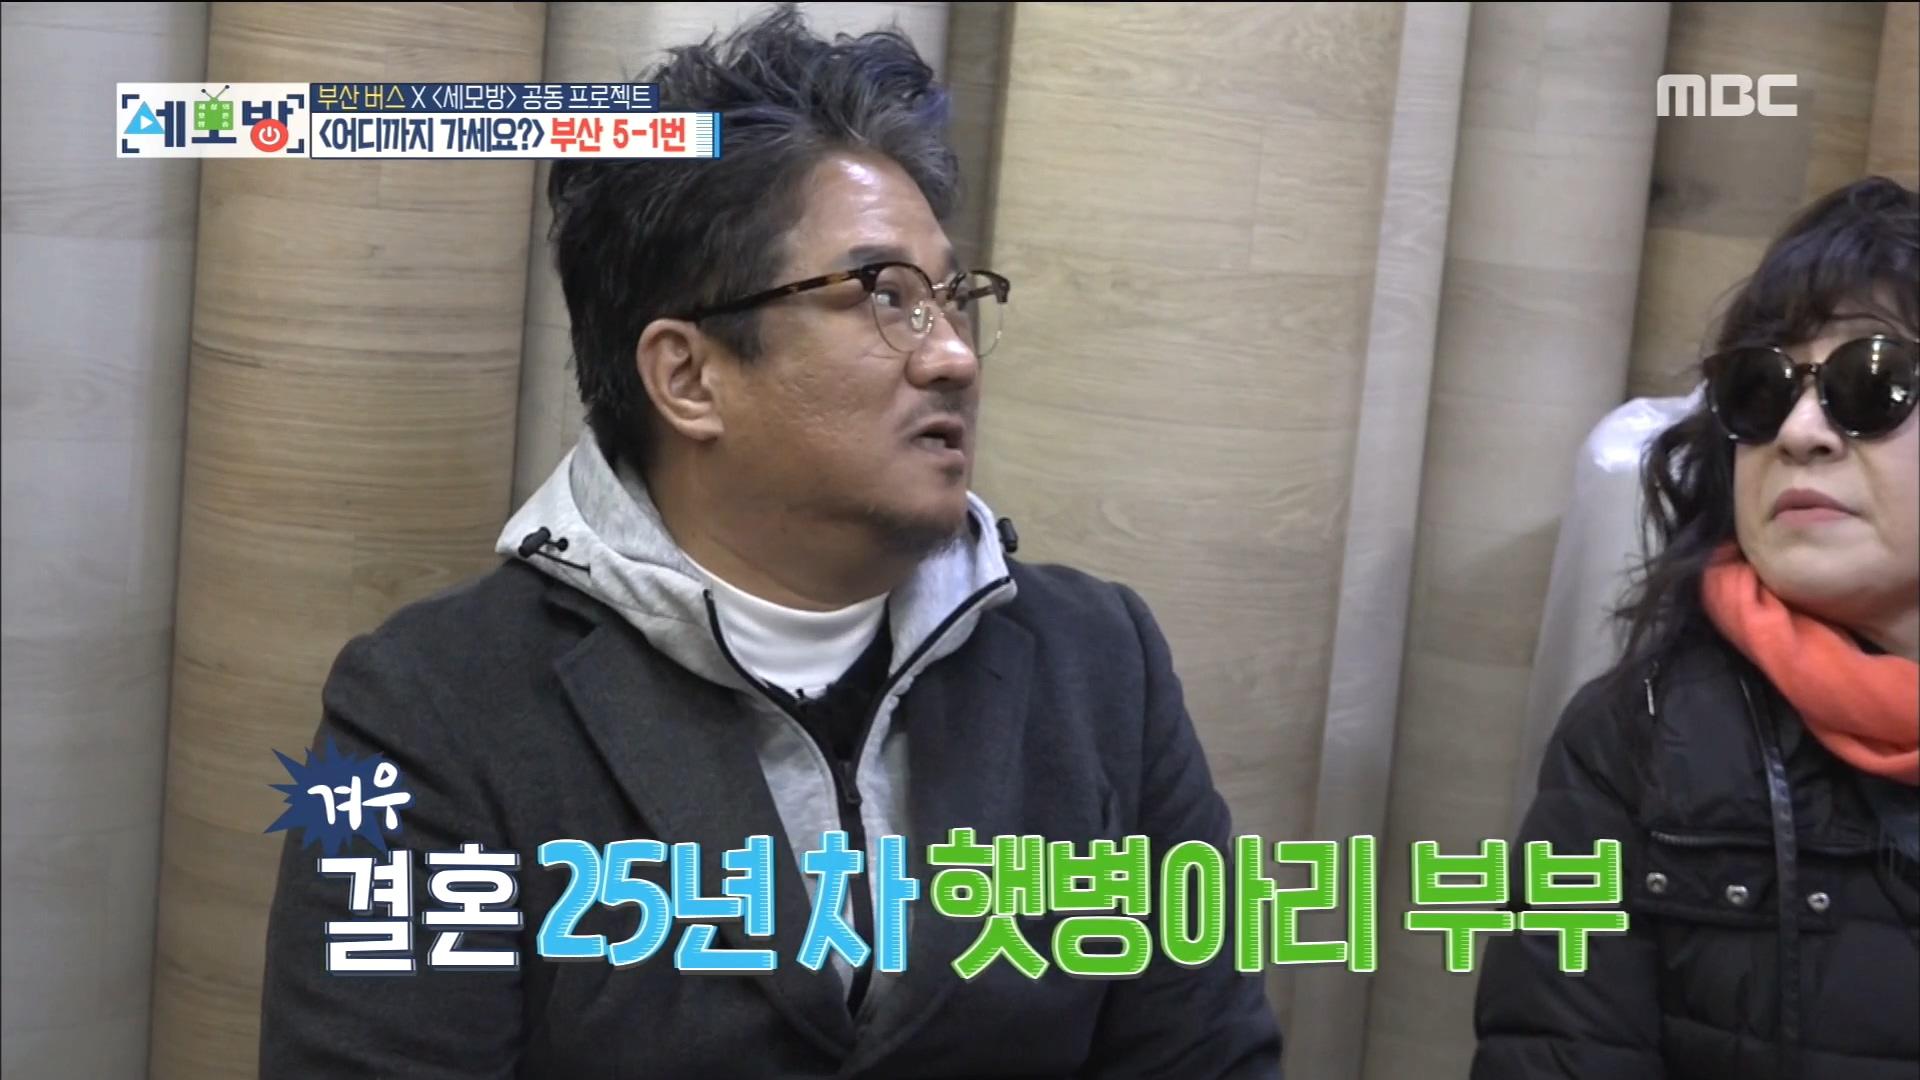 방송경력 40년차 노사연도 당황시킨 차부남, 부산의 얼굴 천재!